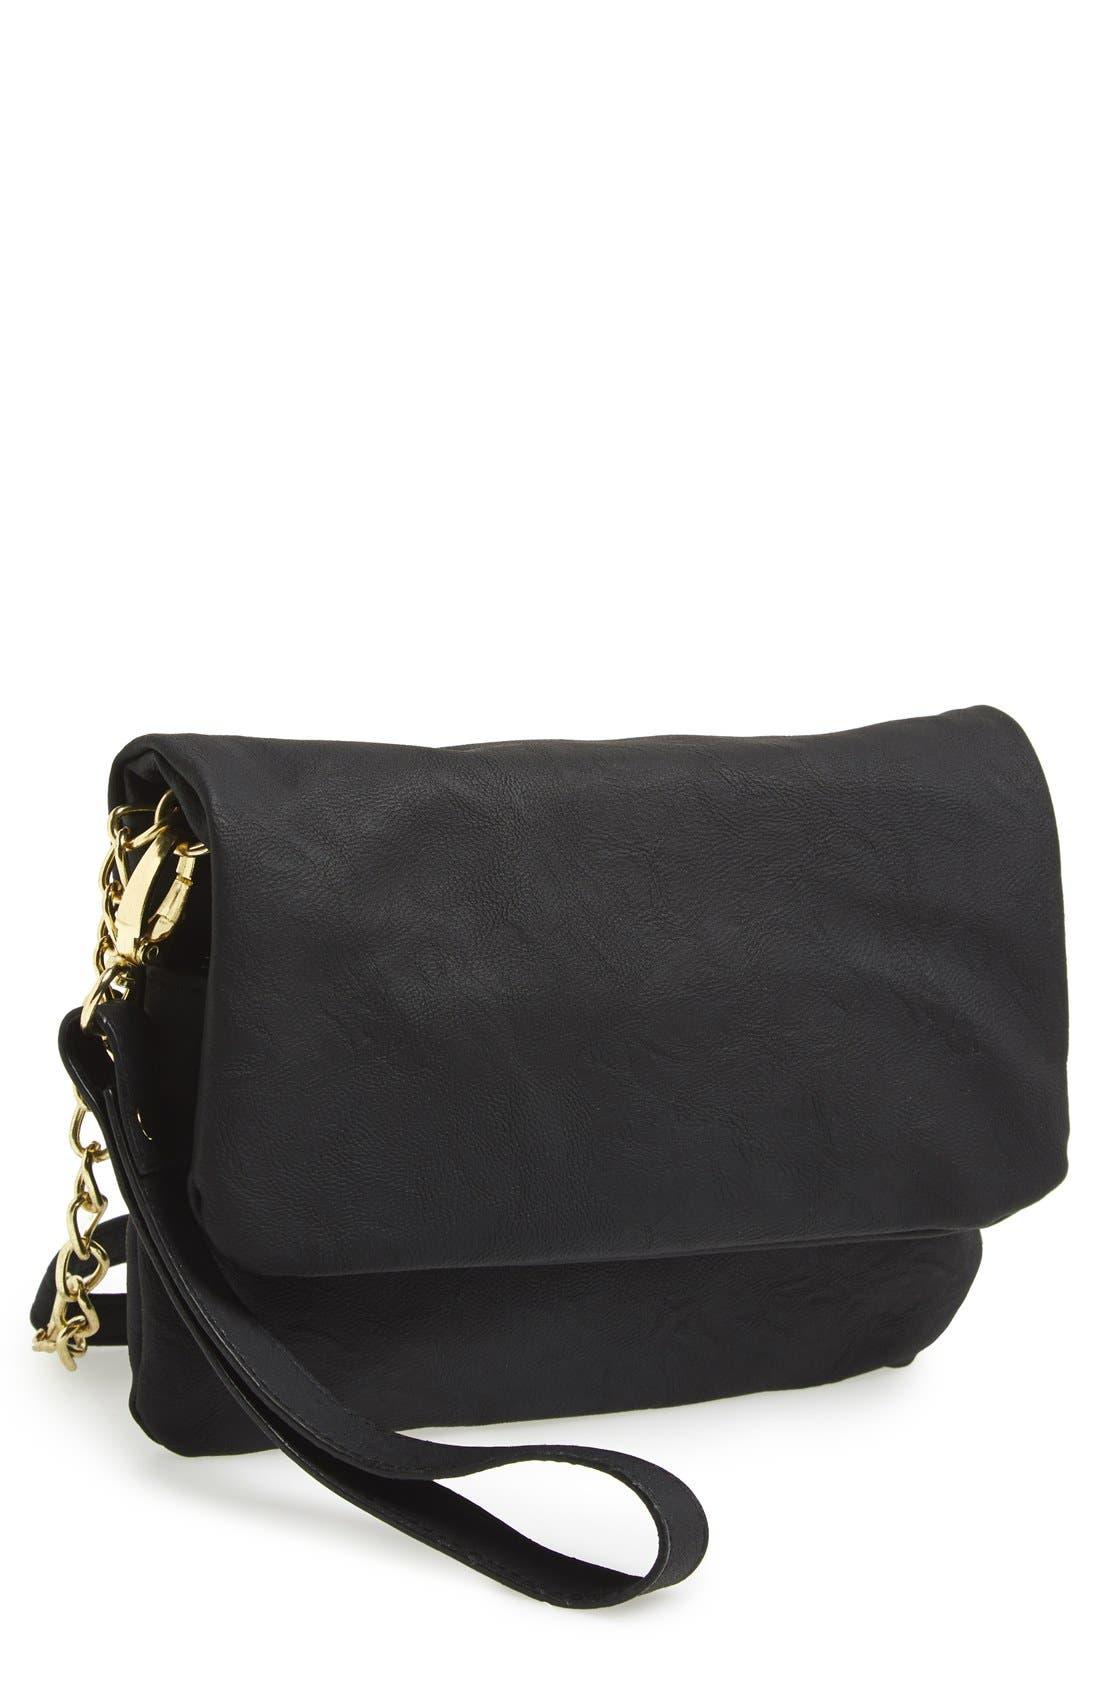 Alternate Image 1 Selected - BP. Convertible Crossbody Bag